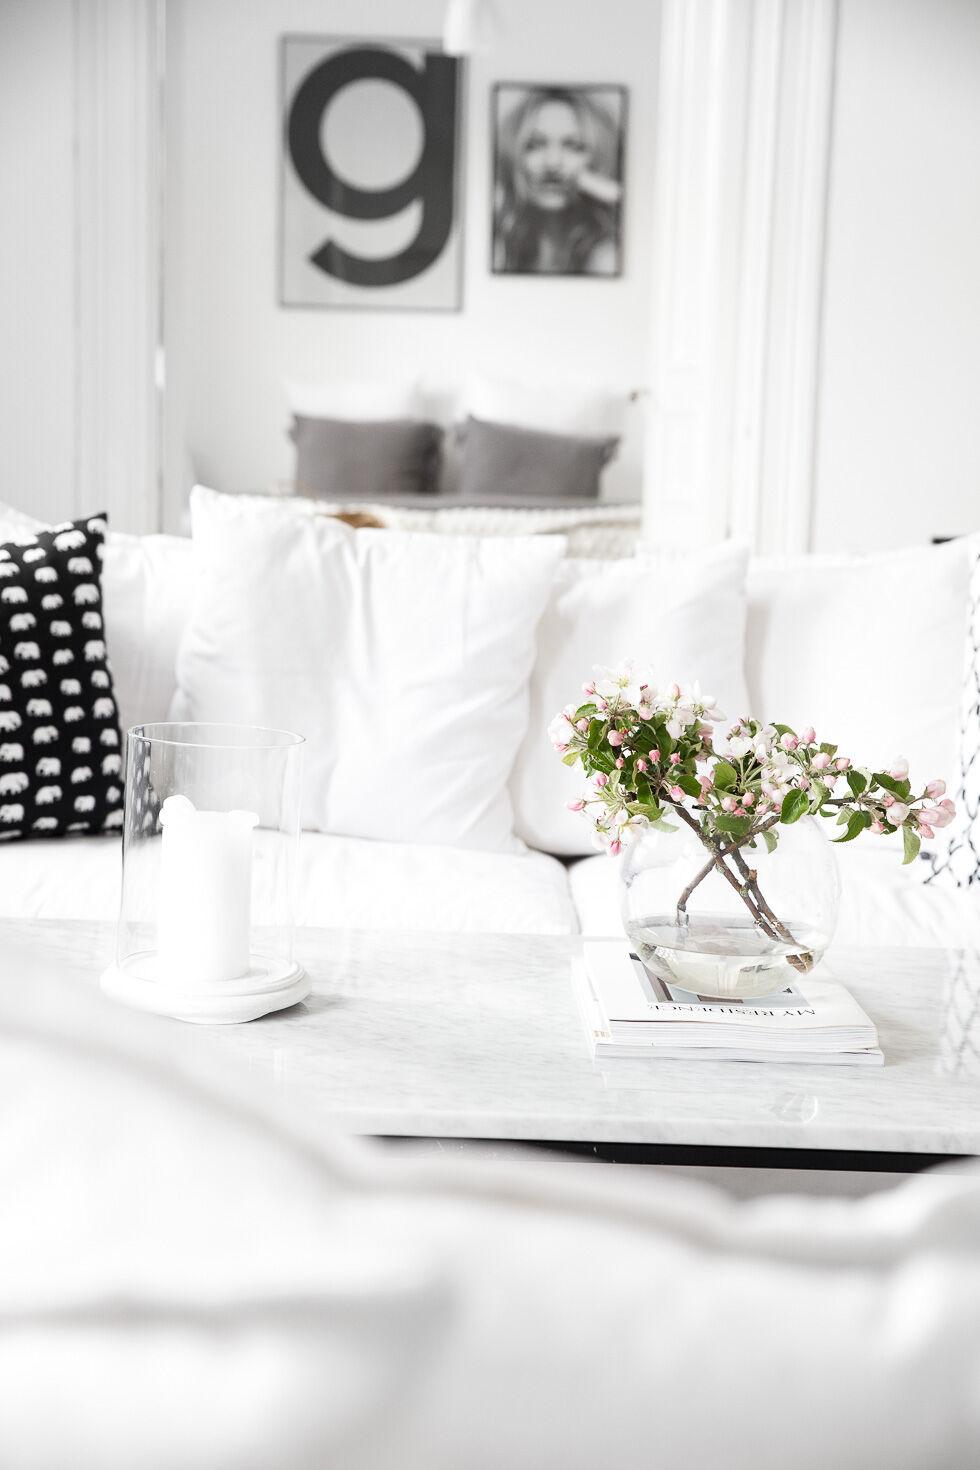 bykikki-livingroom-decor-6